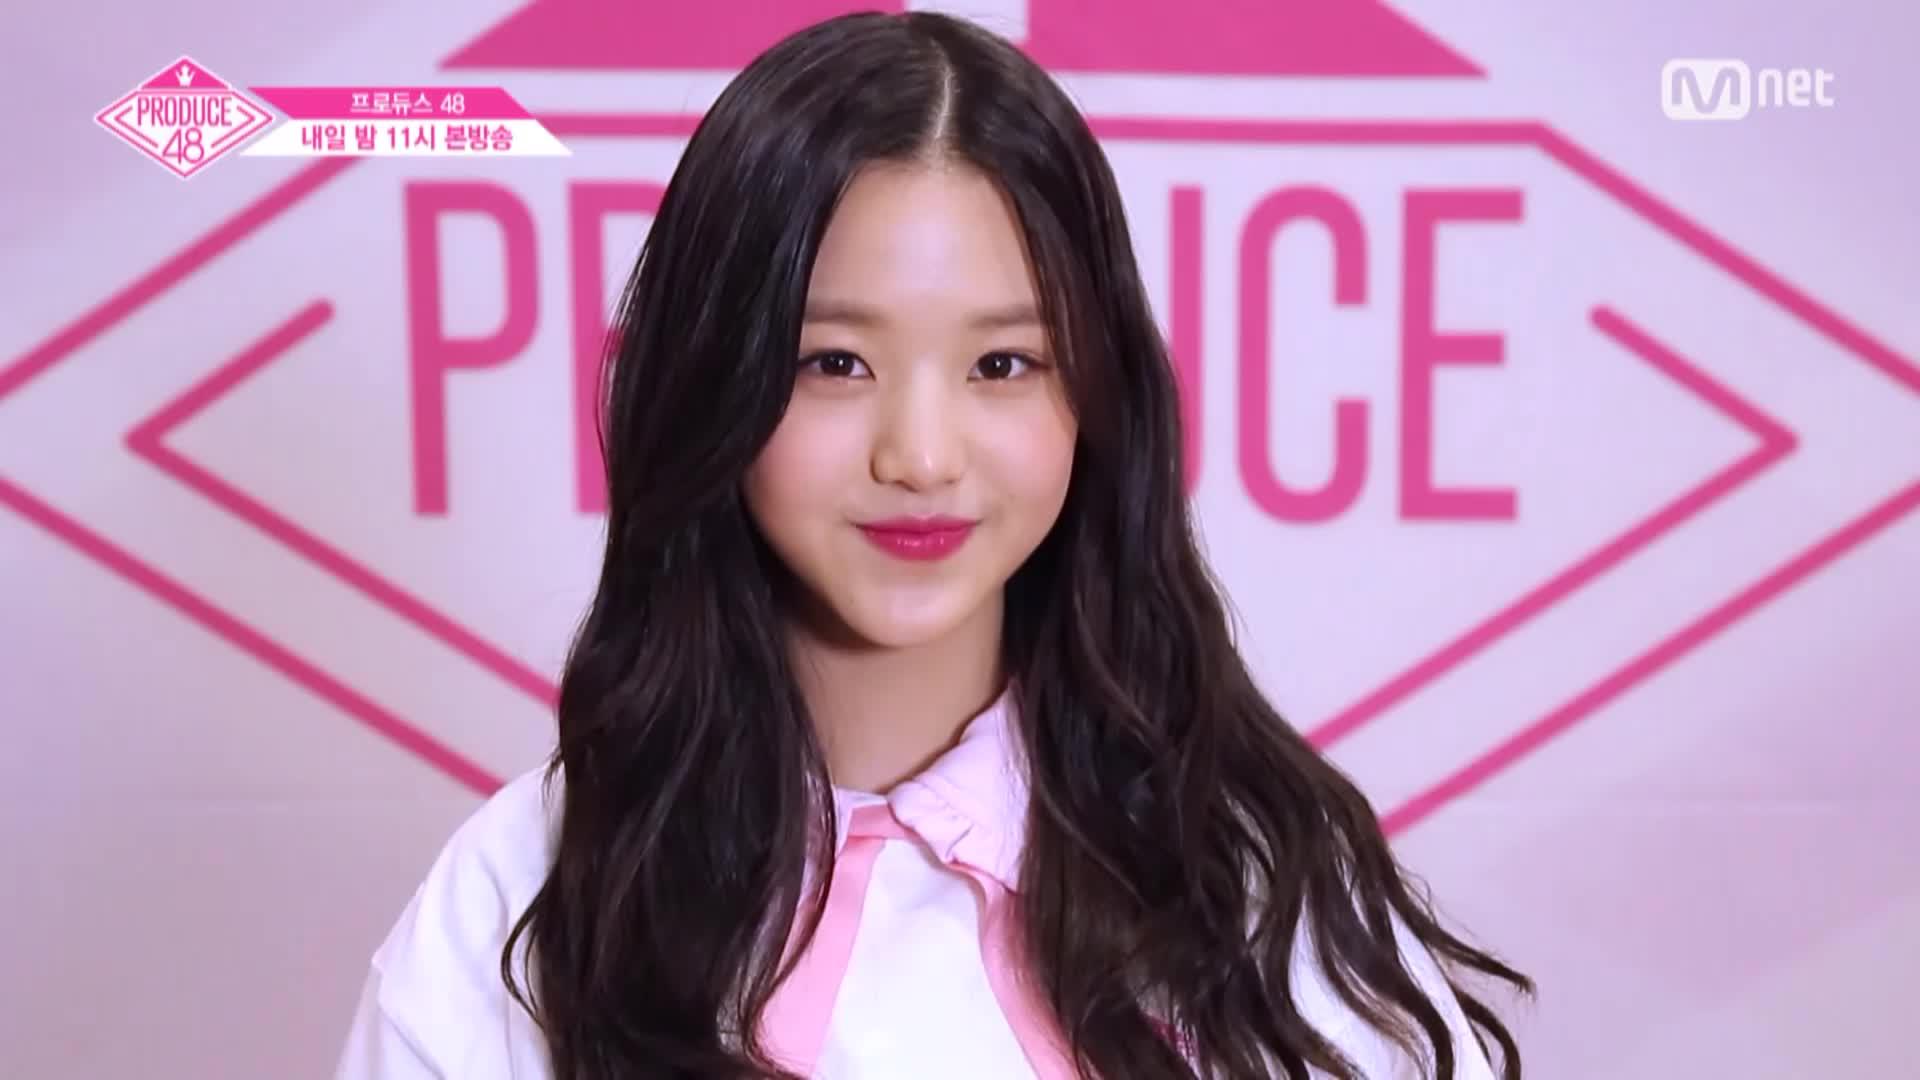 48TV Pick Me Close Up Ver. - Jang Wonyoung (1) GIFs